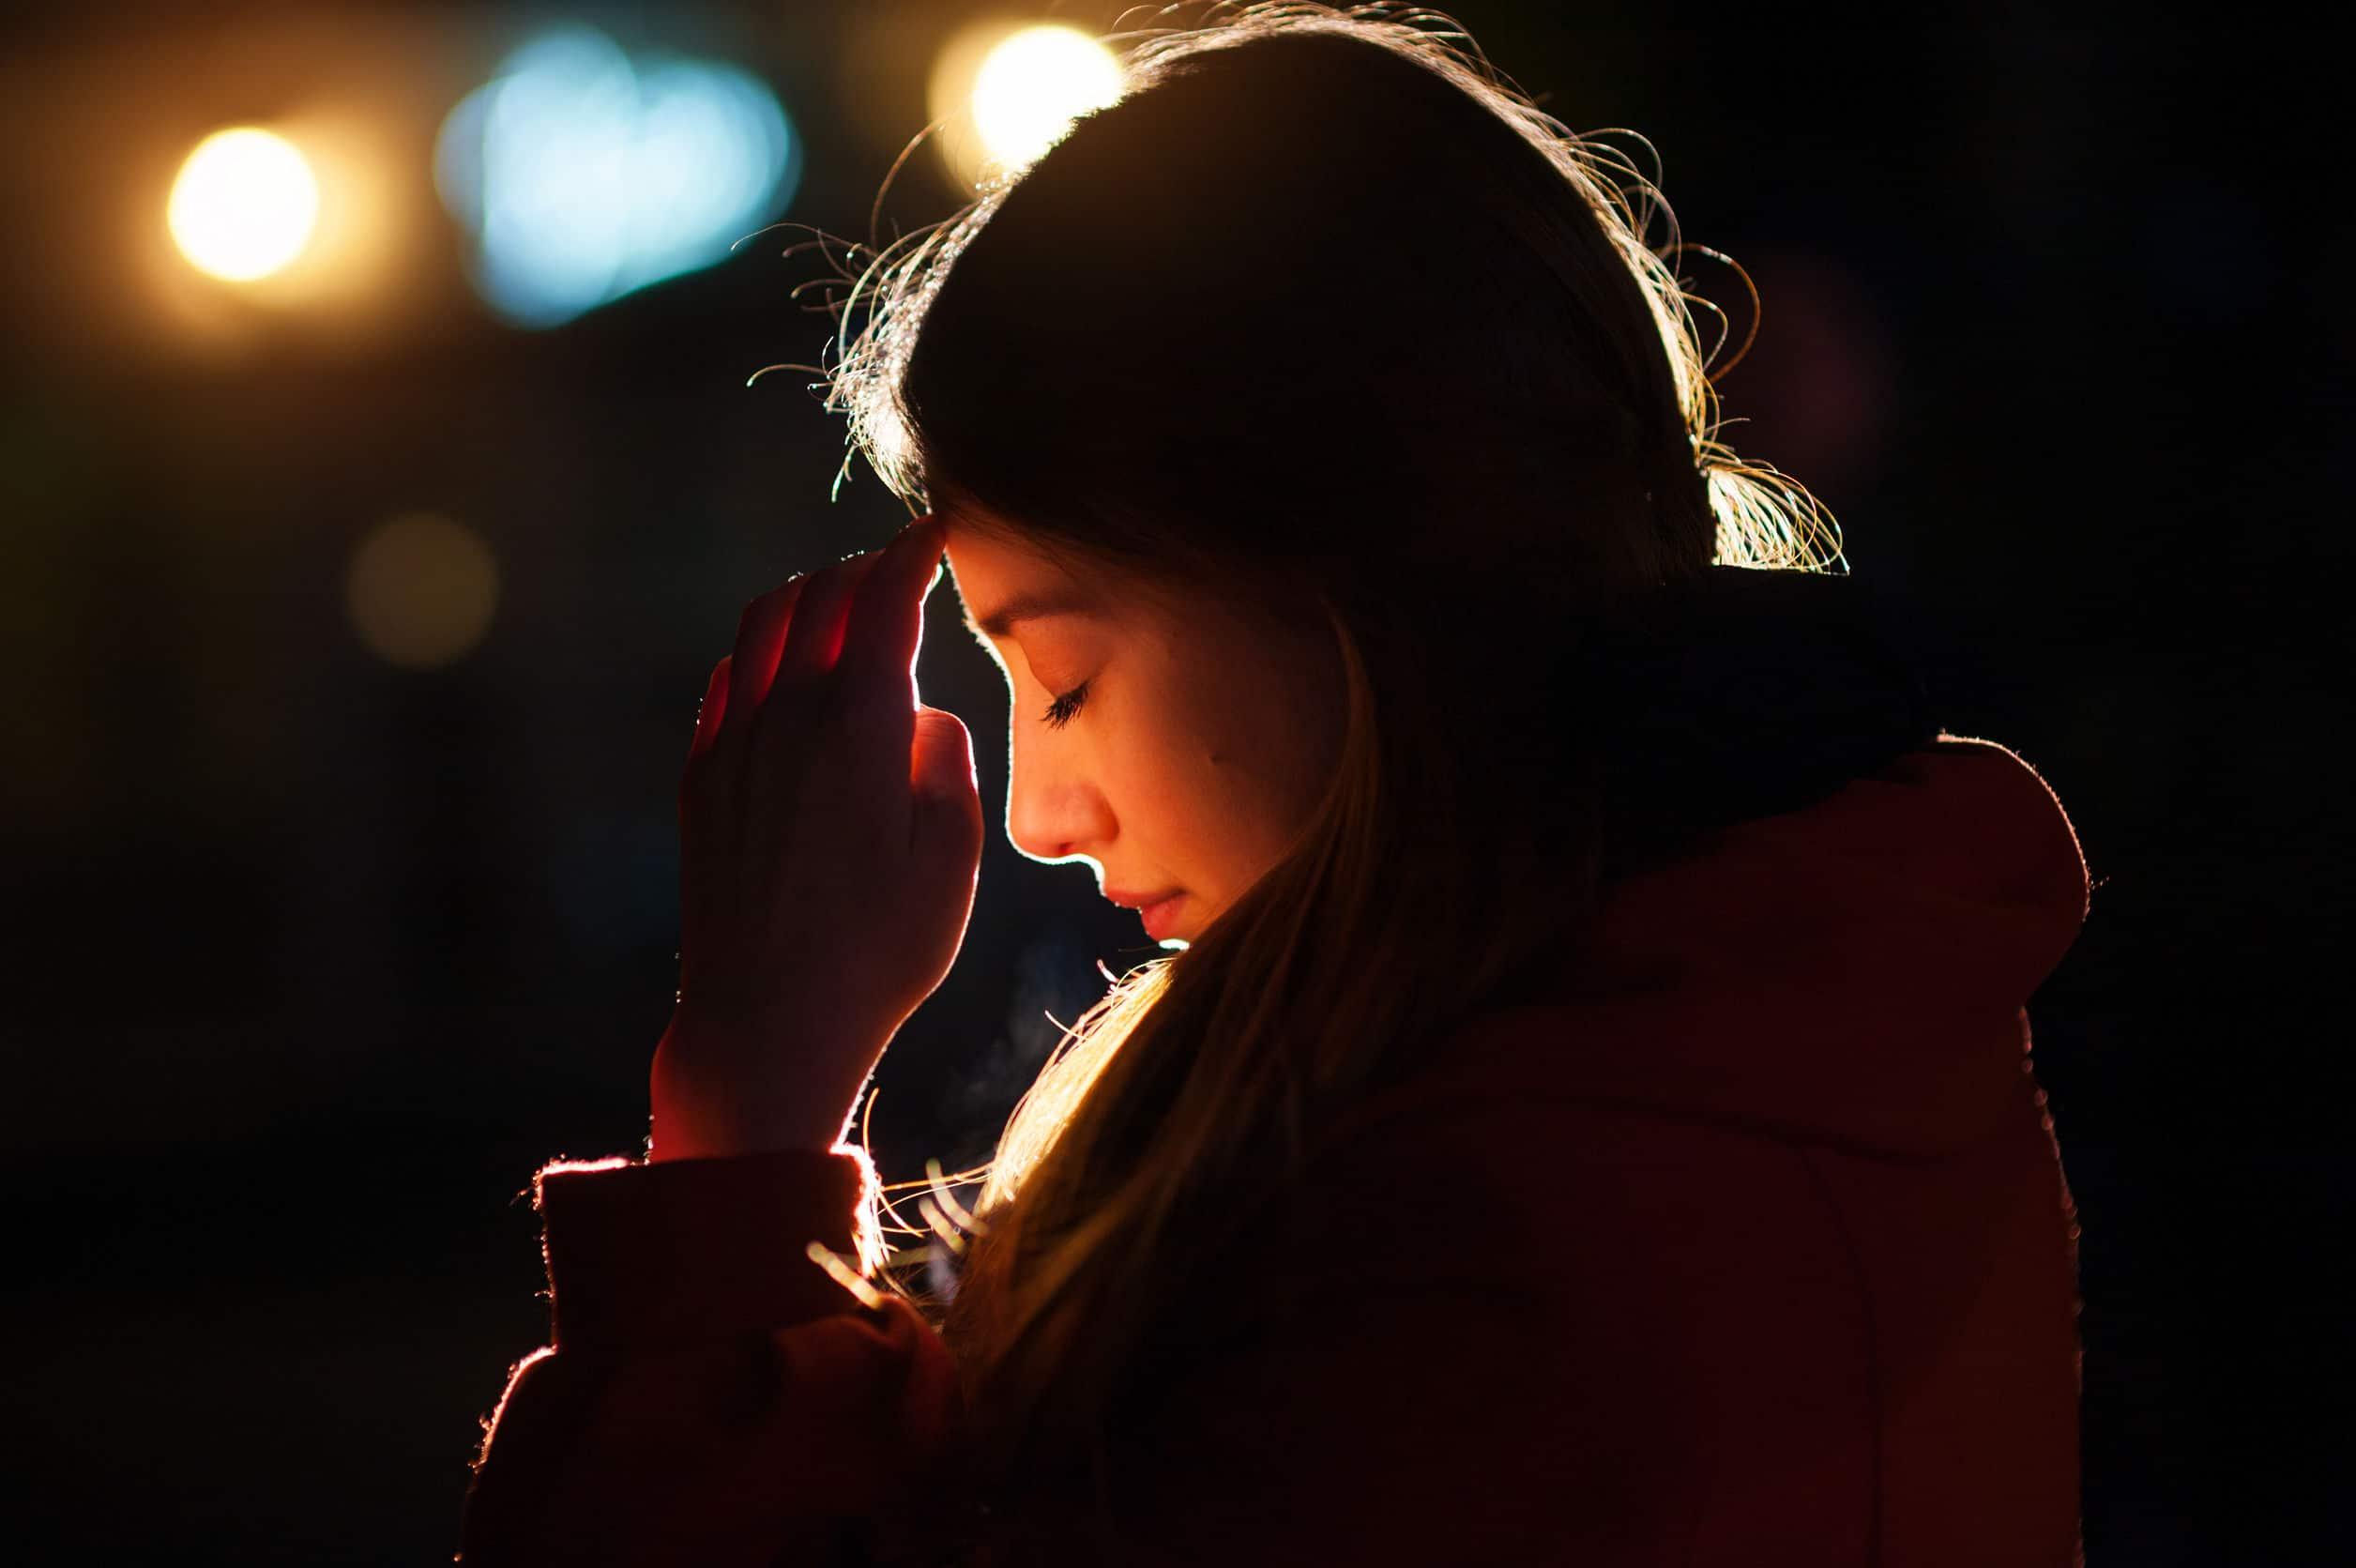 Mulher vestida com roupas de frio, apoiando rosto na mão, em um ambiente escuro com uma luz direcionada ao rosto dela.